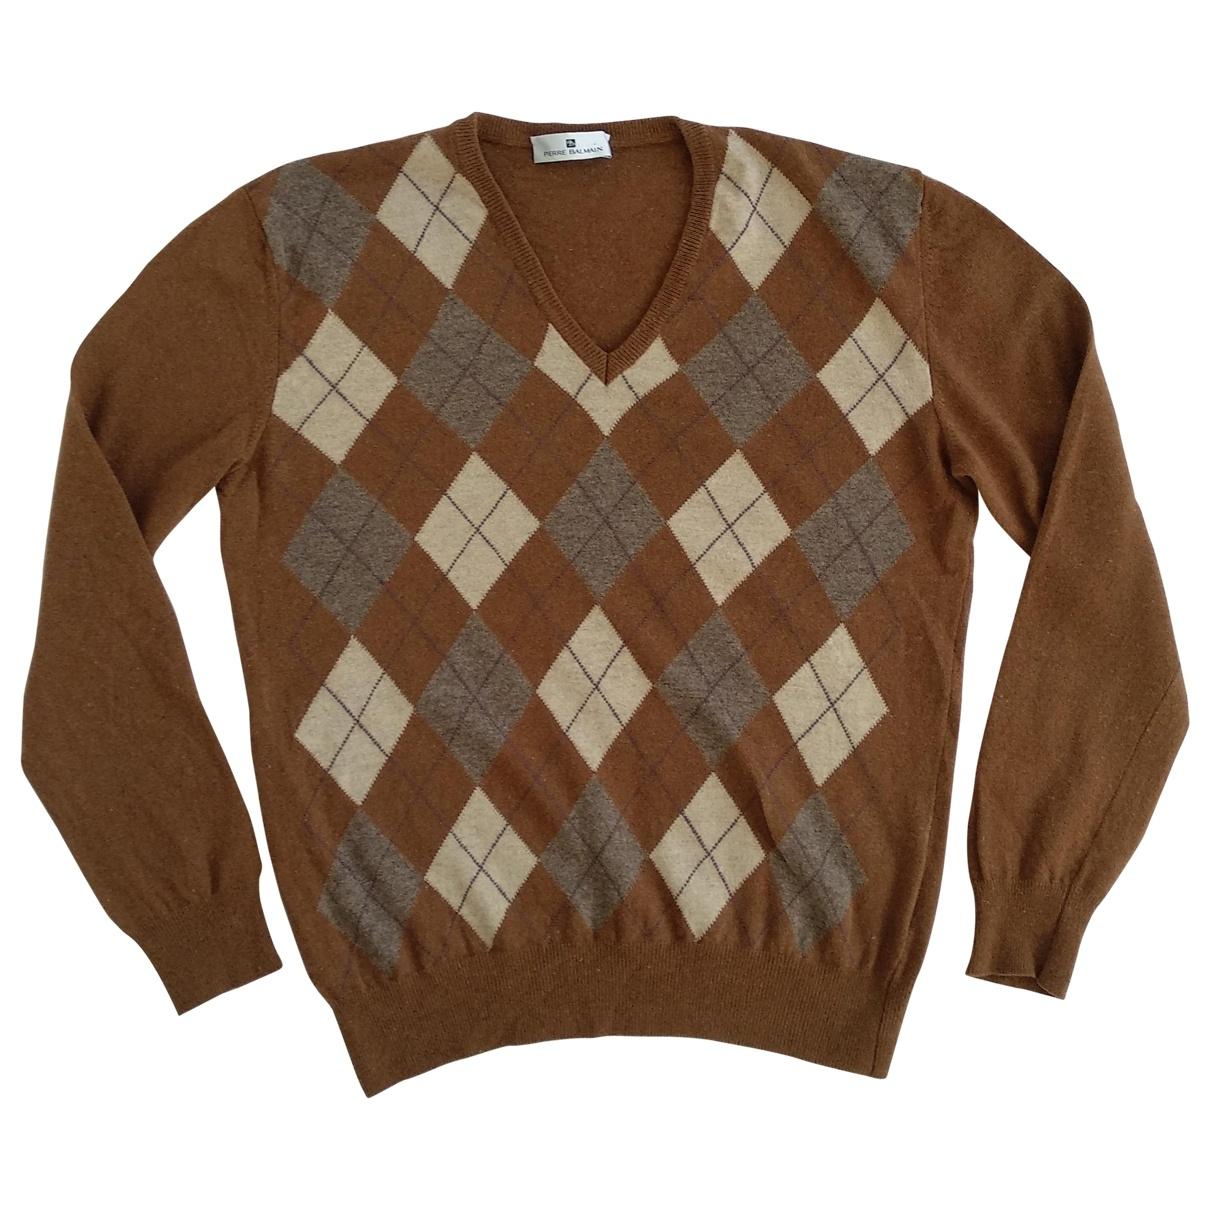 Pierre Balmain - Pulls.Gilets.Sweats   pour homme en laine - marron